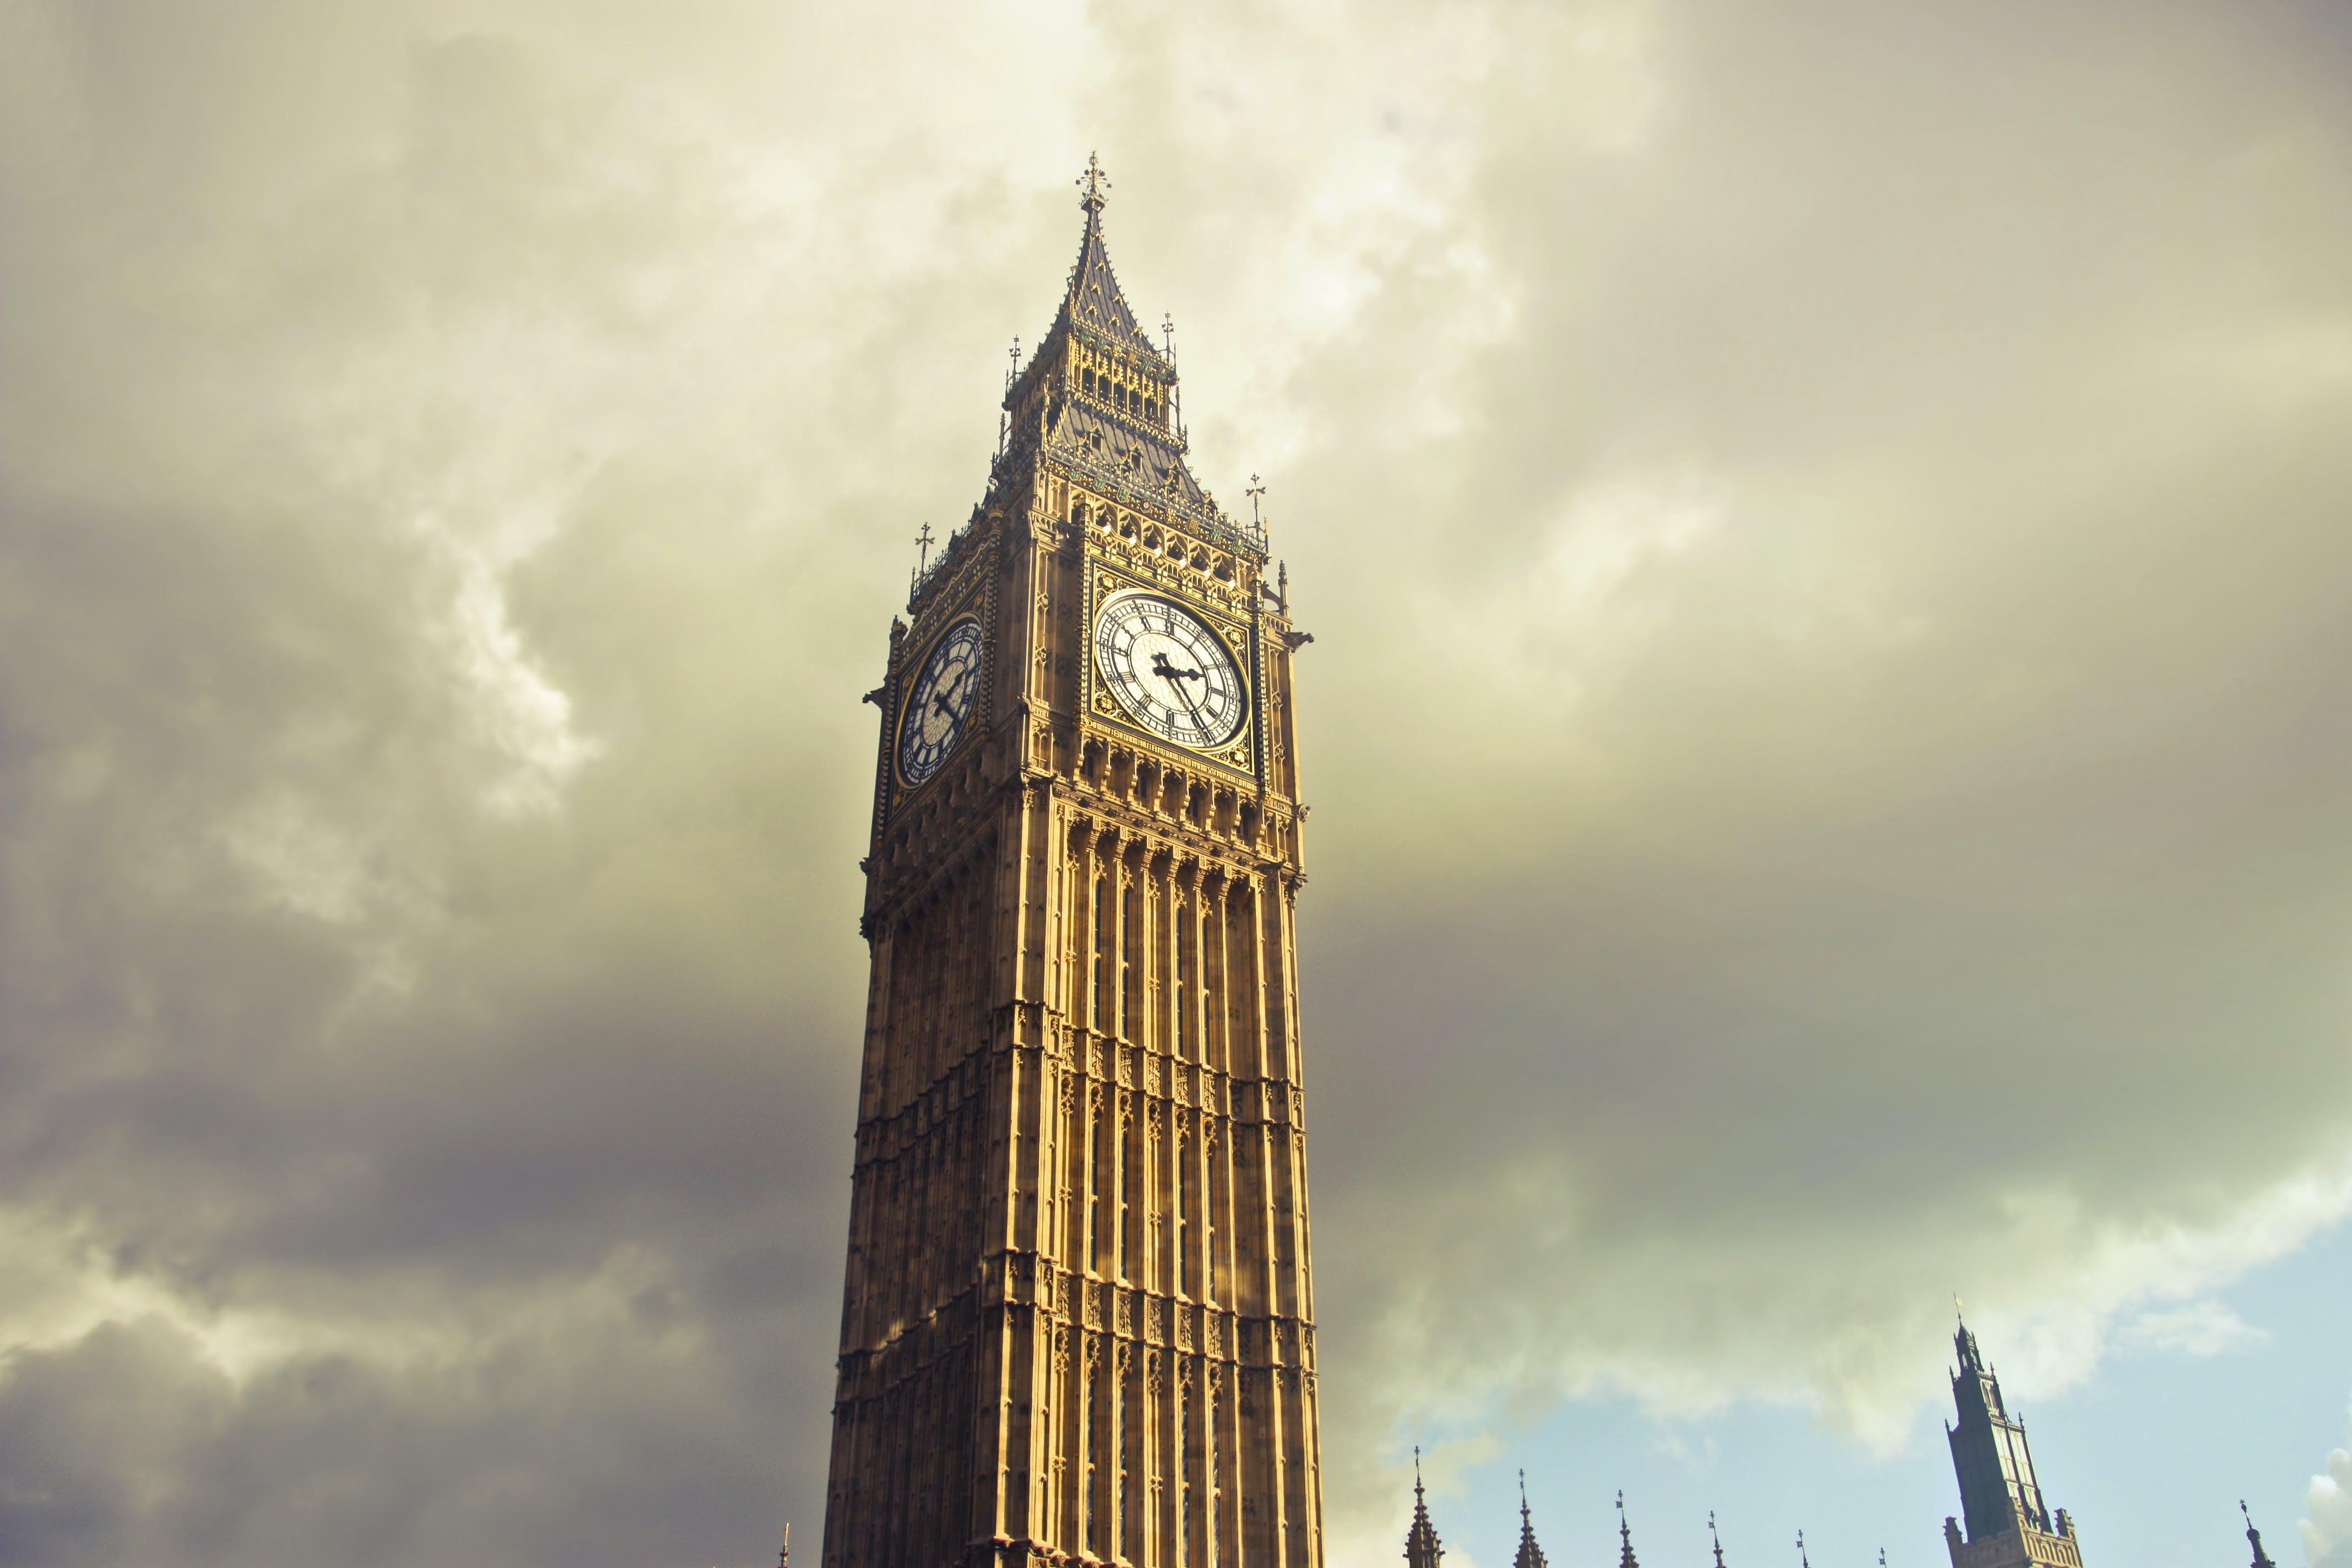 Anglaterra, arquitectura, Big Ben